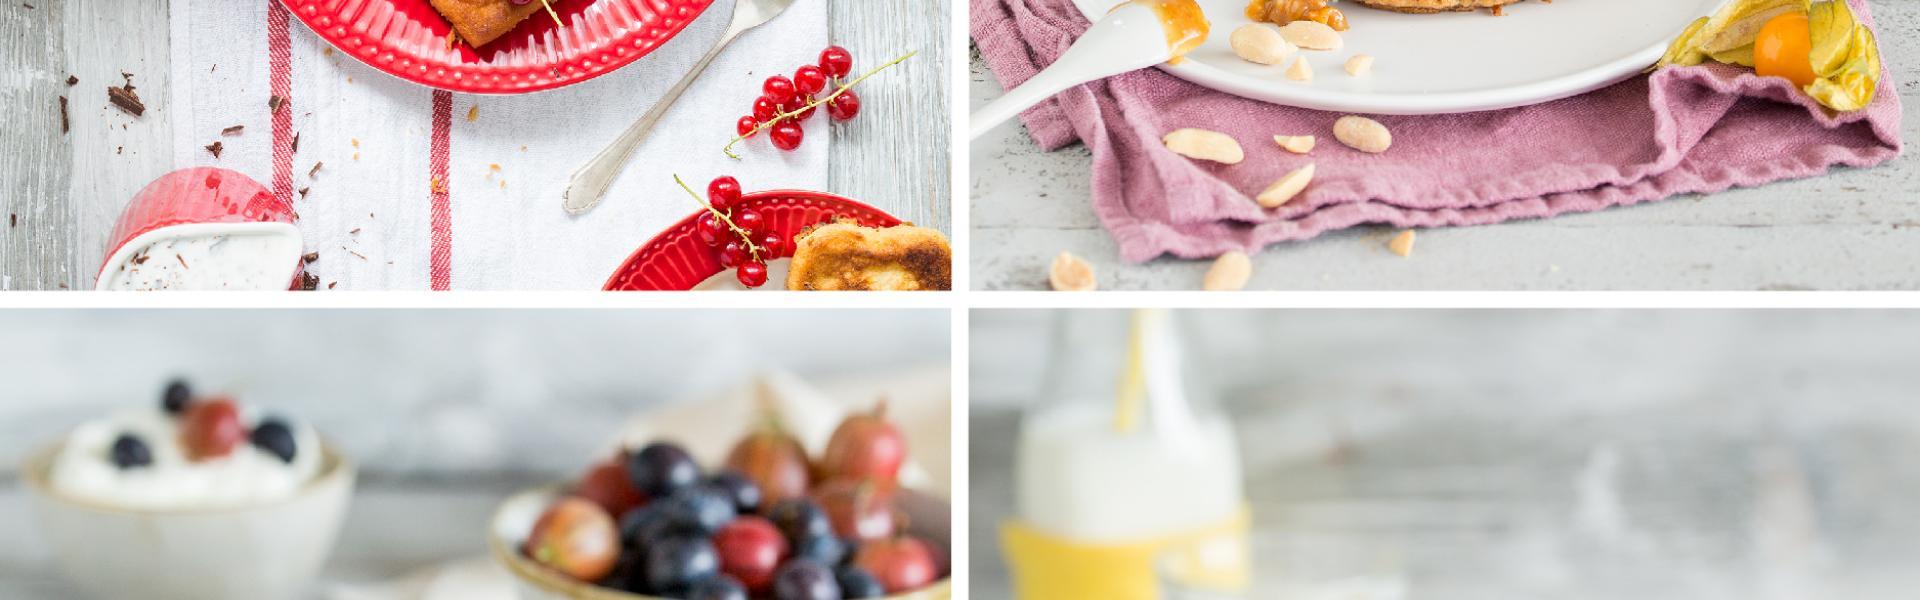 Vier verschiedene Bilder zu Low Carb Pfannkuchen in einem Bild vereint.